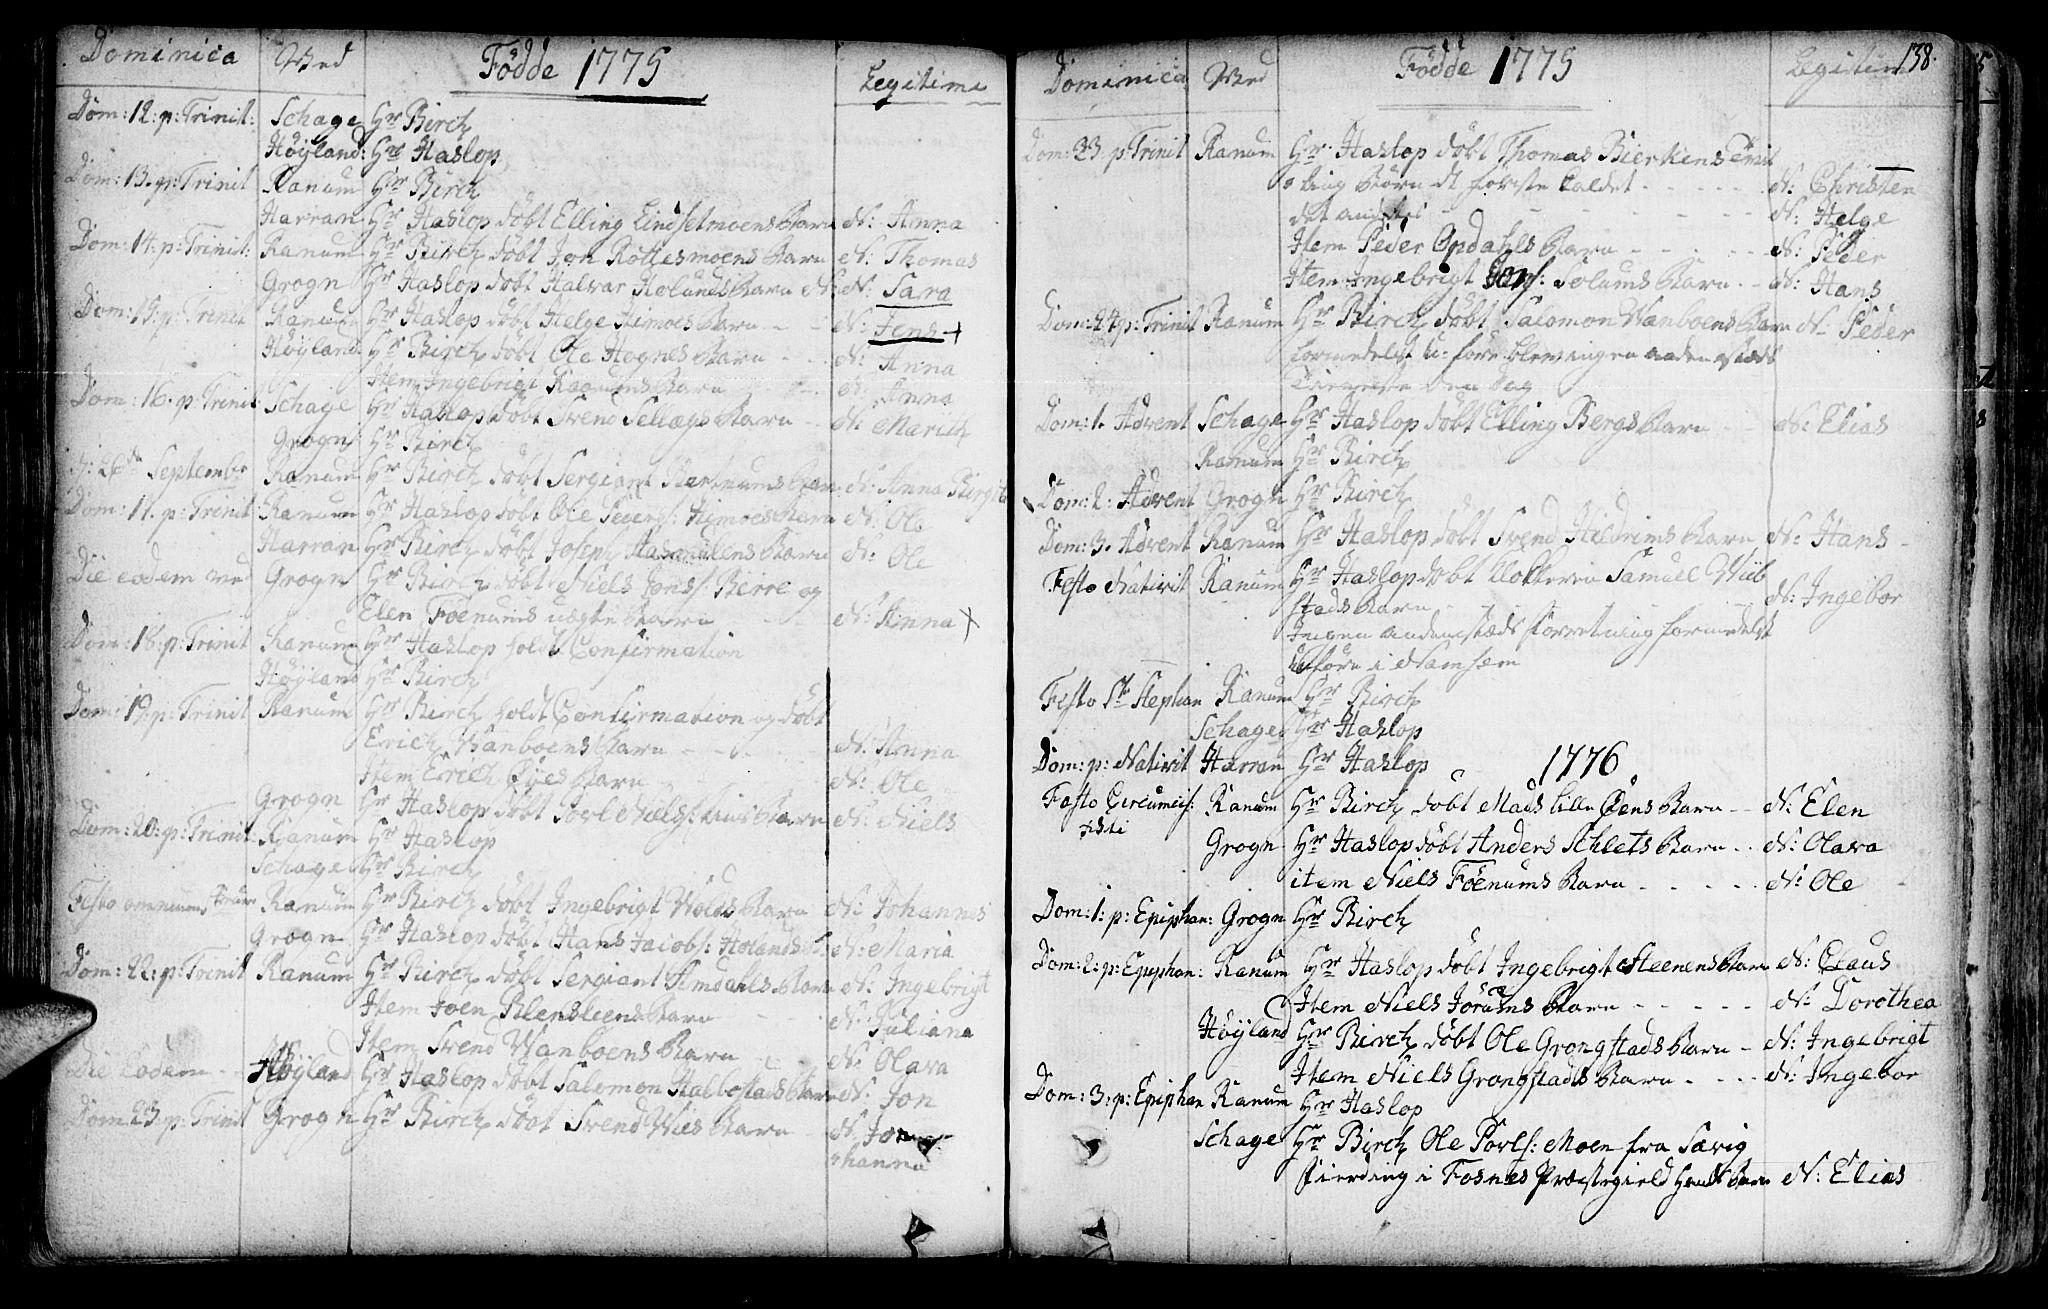 SAT, Ministerialprotokoller, klokkerbøker og fødselsregistre - Nord-Trøndelag, 764/L0542: Ministerialbok nr. 764A02, 1748-1779, s. 138